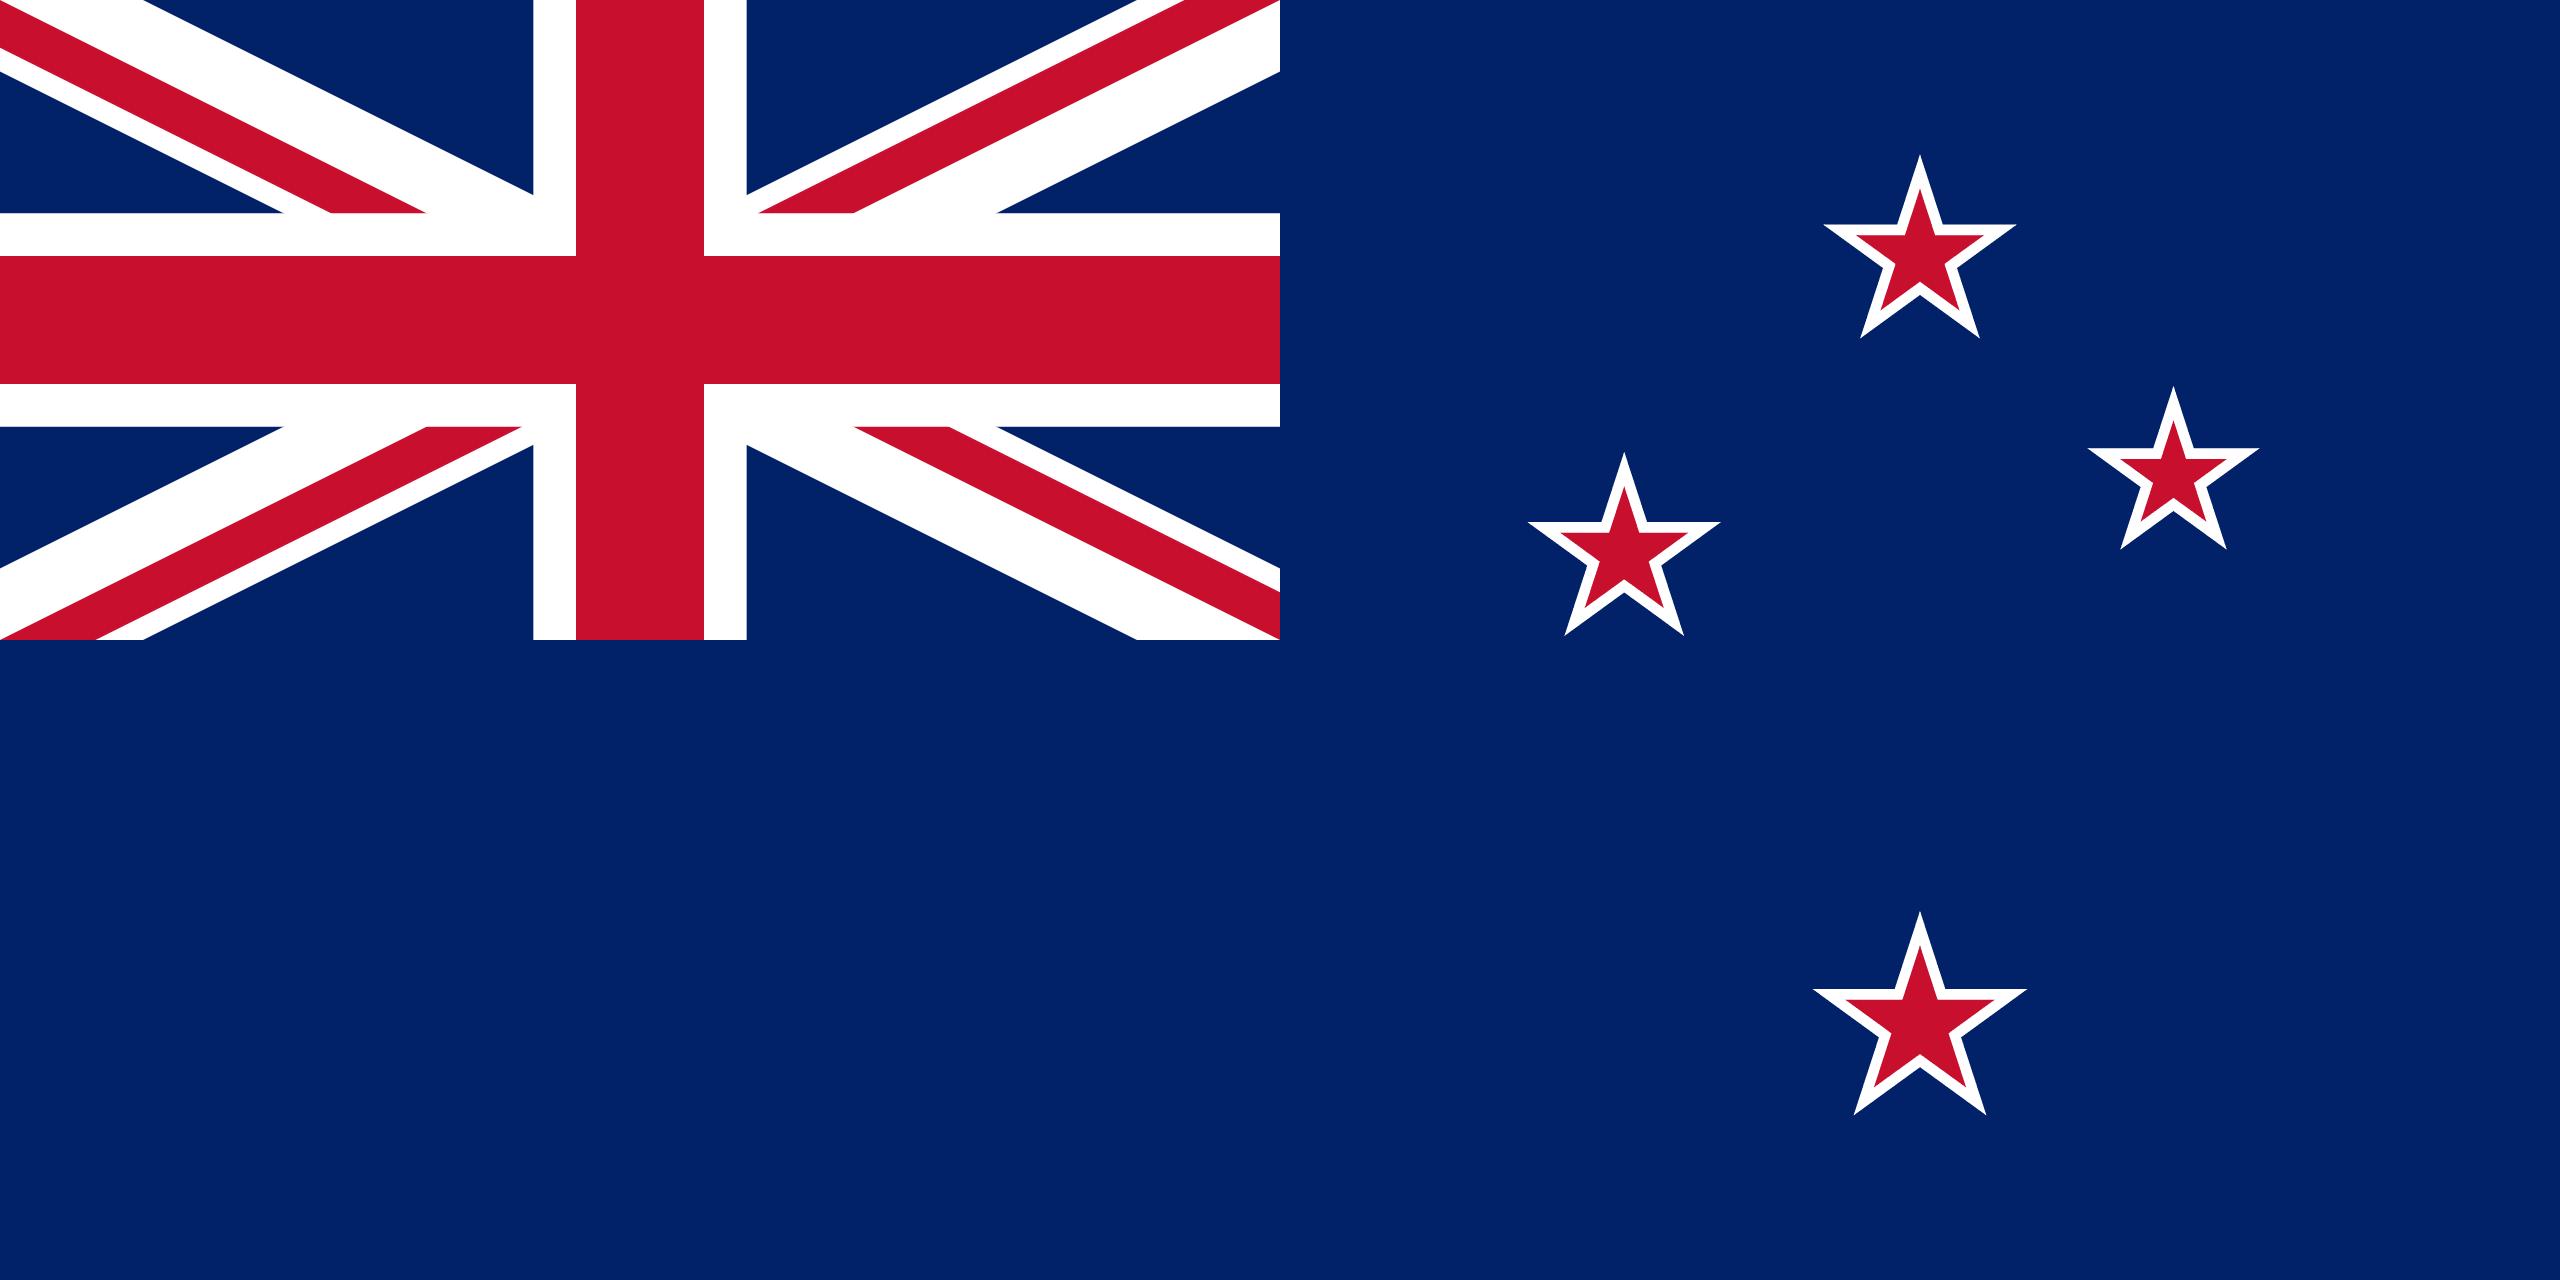 Yeni Zelanda'nın Başkenti ve Para Birimi Nedir? Yeni Zelanda'nın Bayrağı Nasıldır?